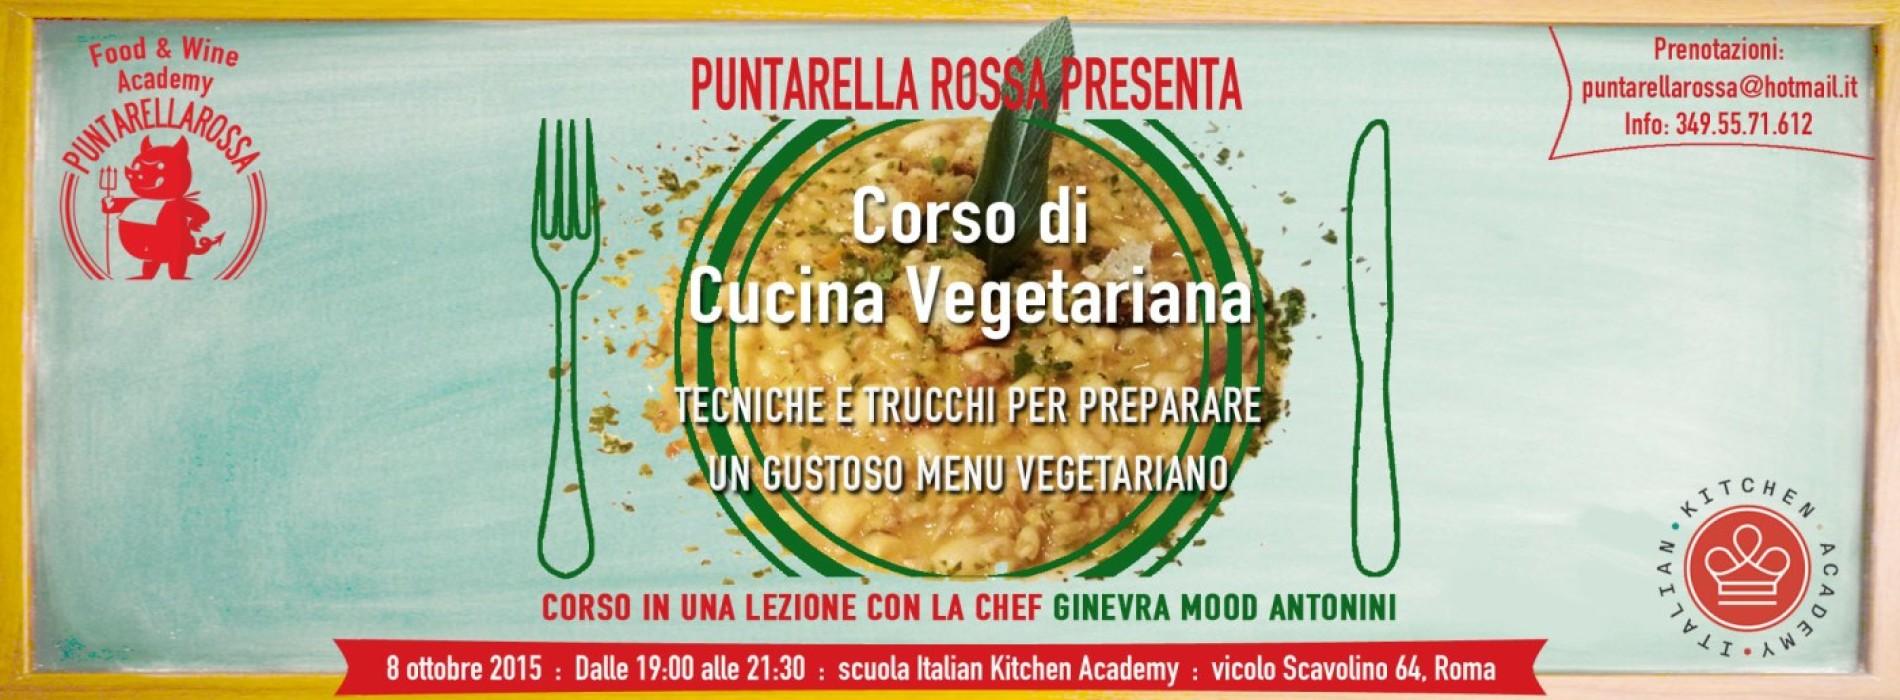 Corso cucina vegetariana Roma Puntarella